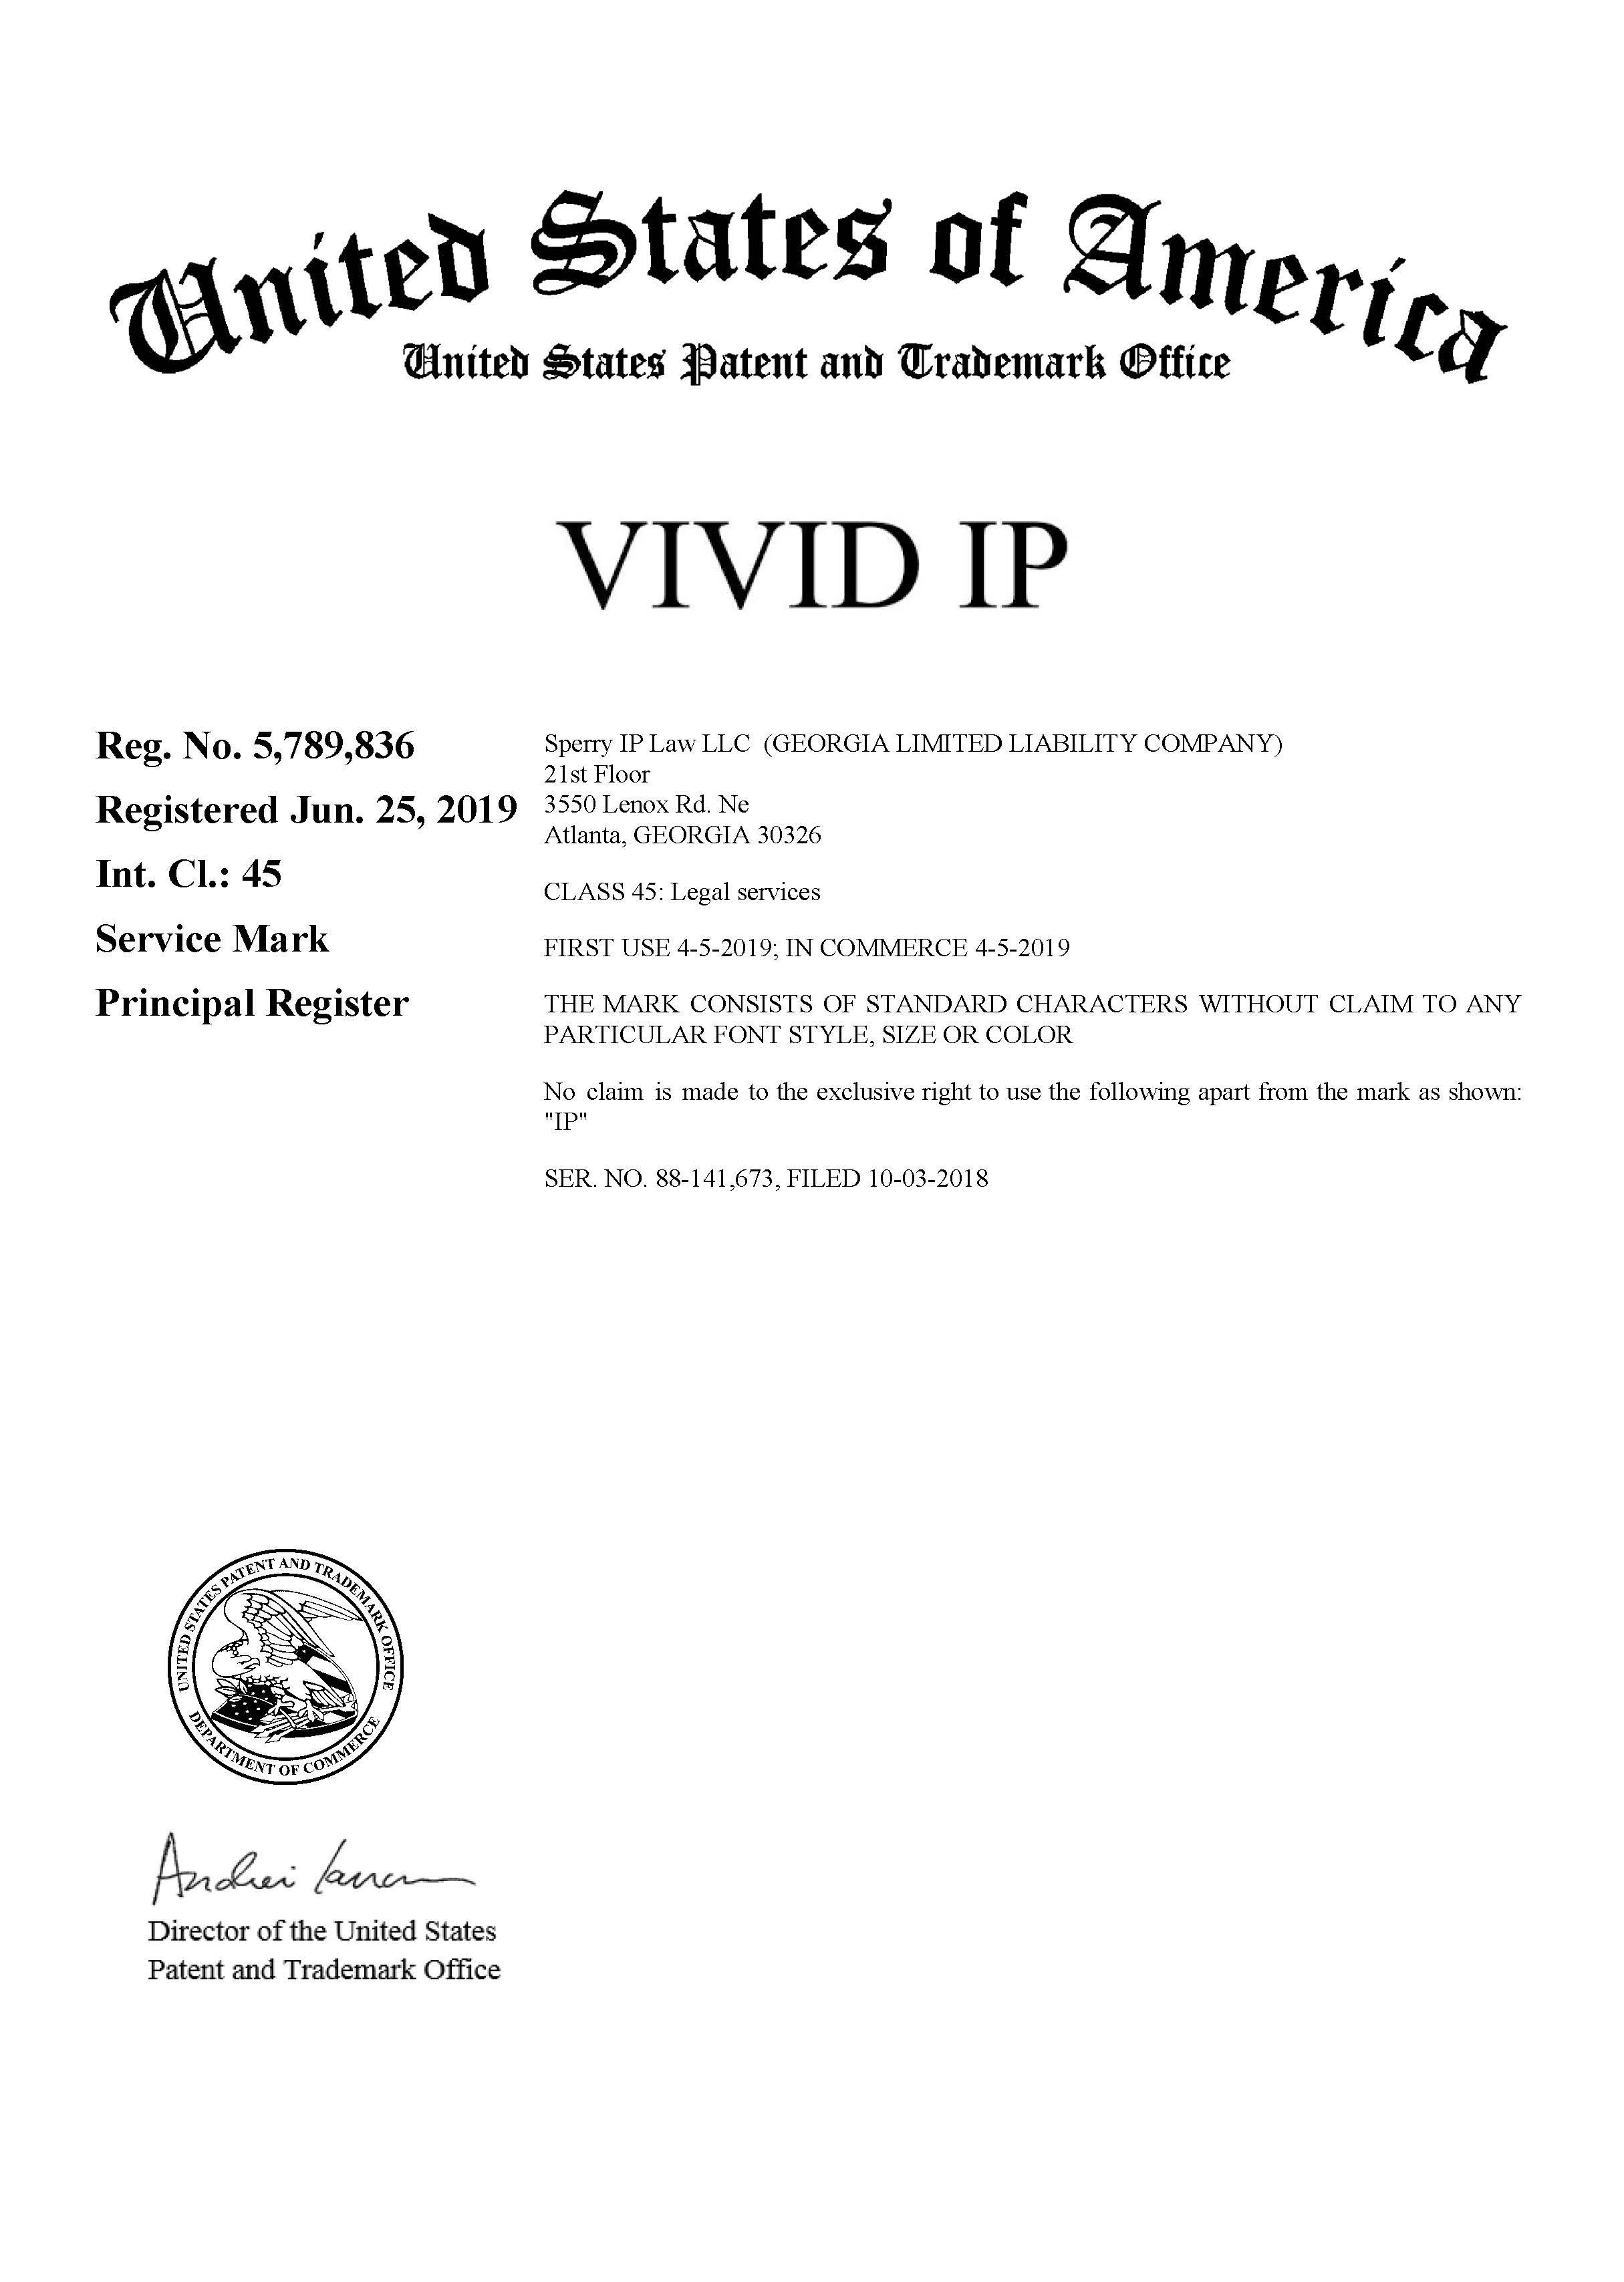 Vivid IP TM.jpg